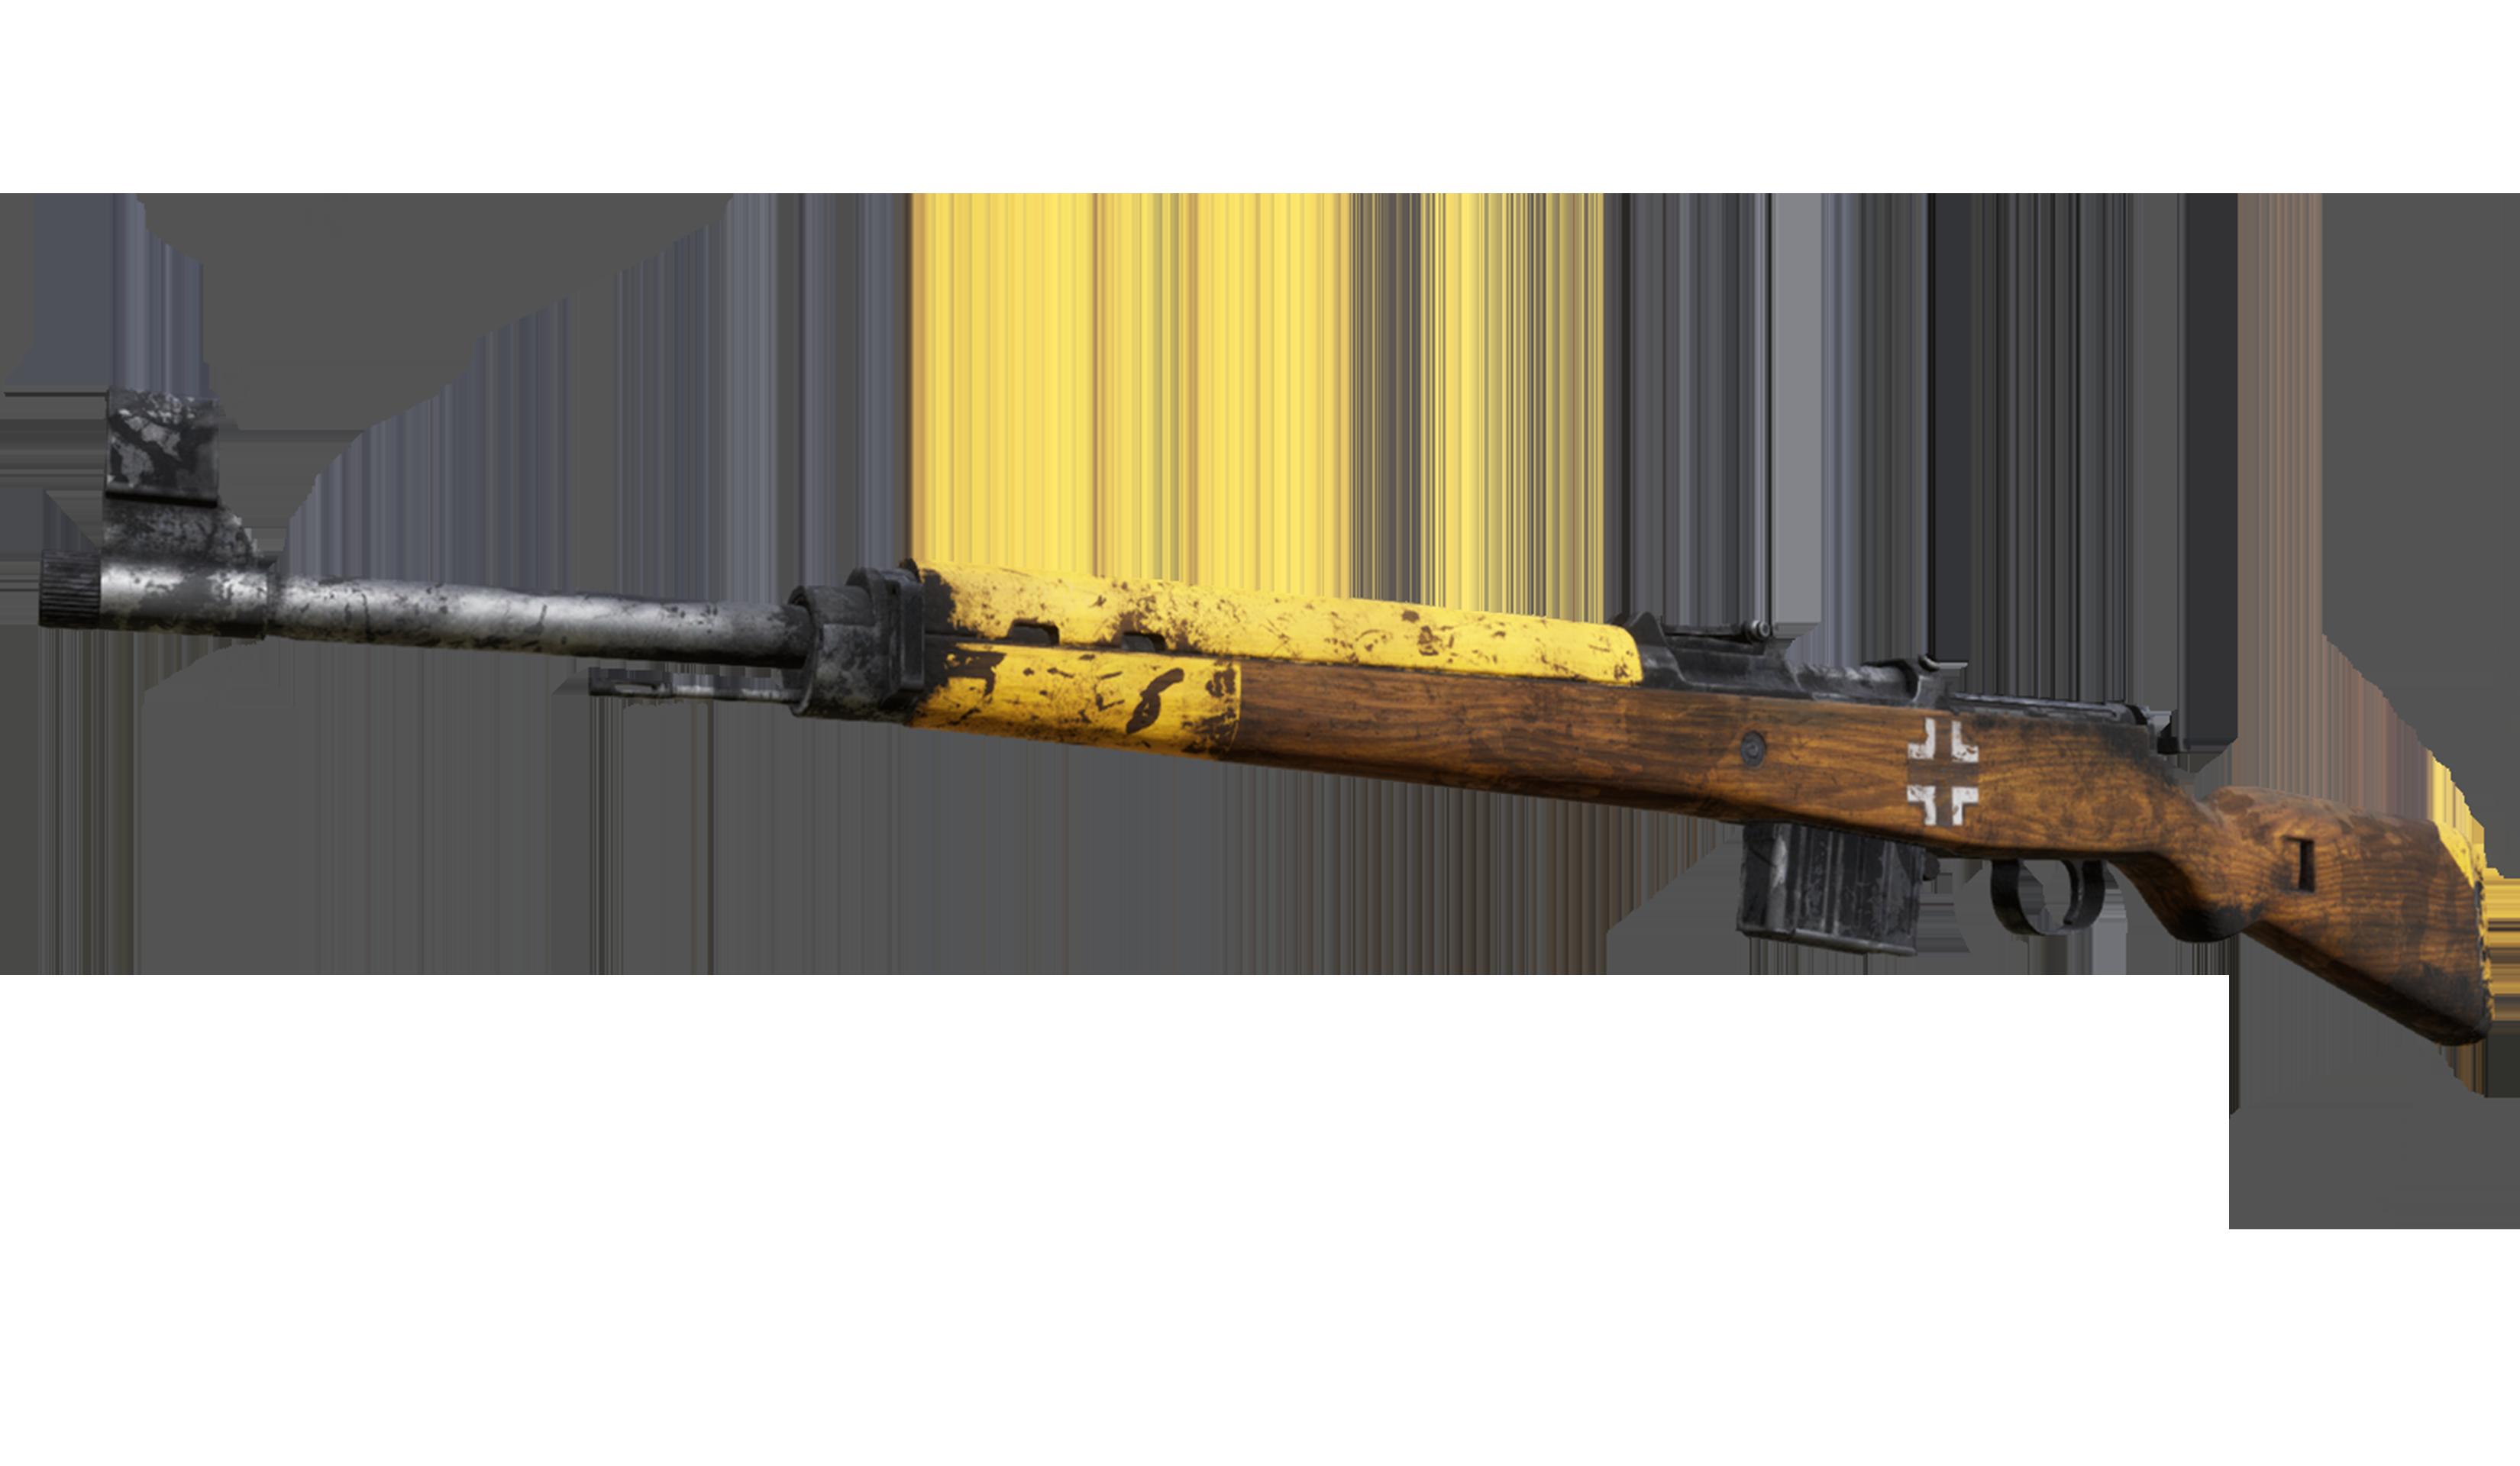 Gewehr 43 | Messerschmitt (War Torn)